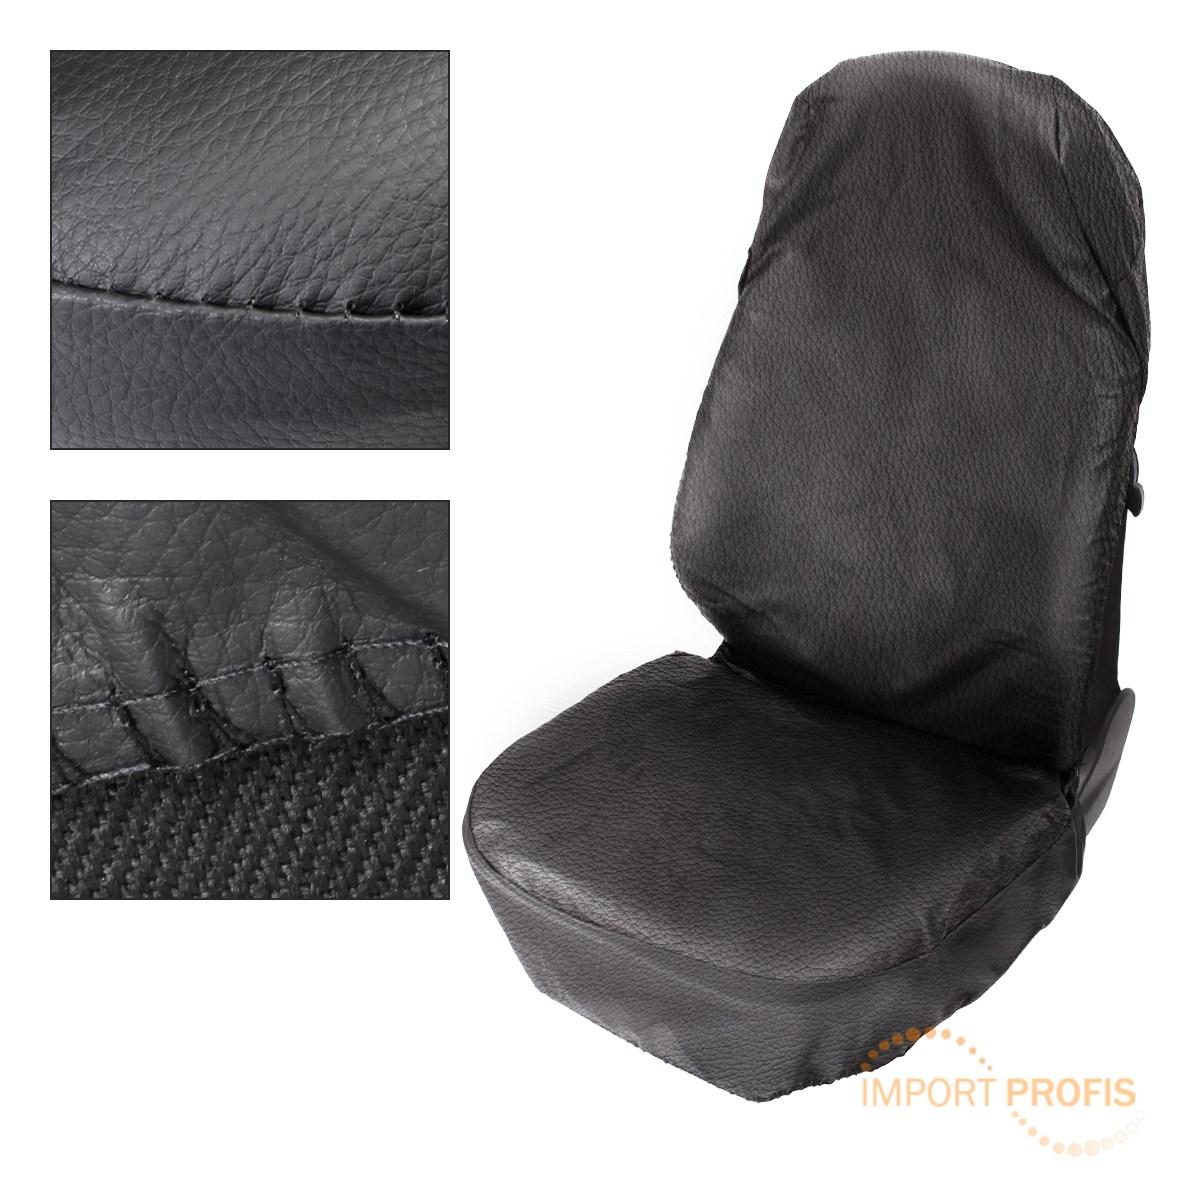 werkstattschoner kunstleder werkstatt sitzbezug schonbezug. Black Bedroom Furniture Sets. Home Design Ideas